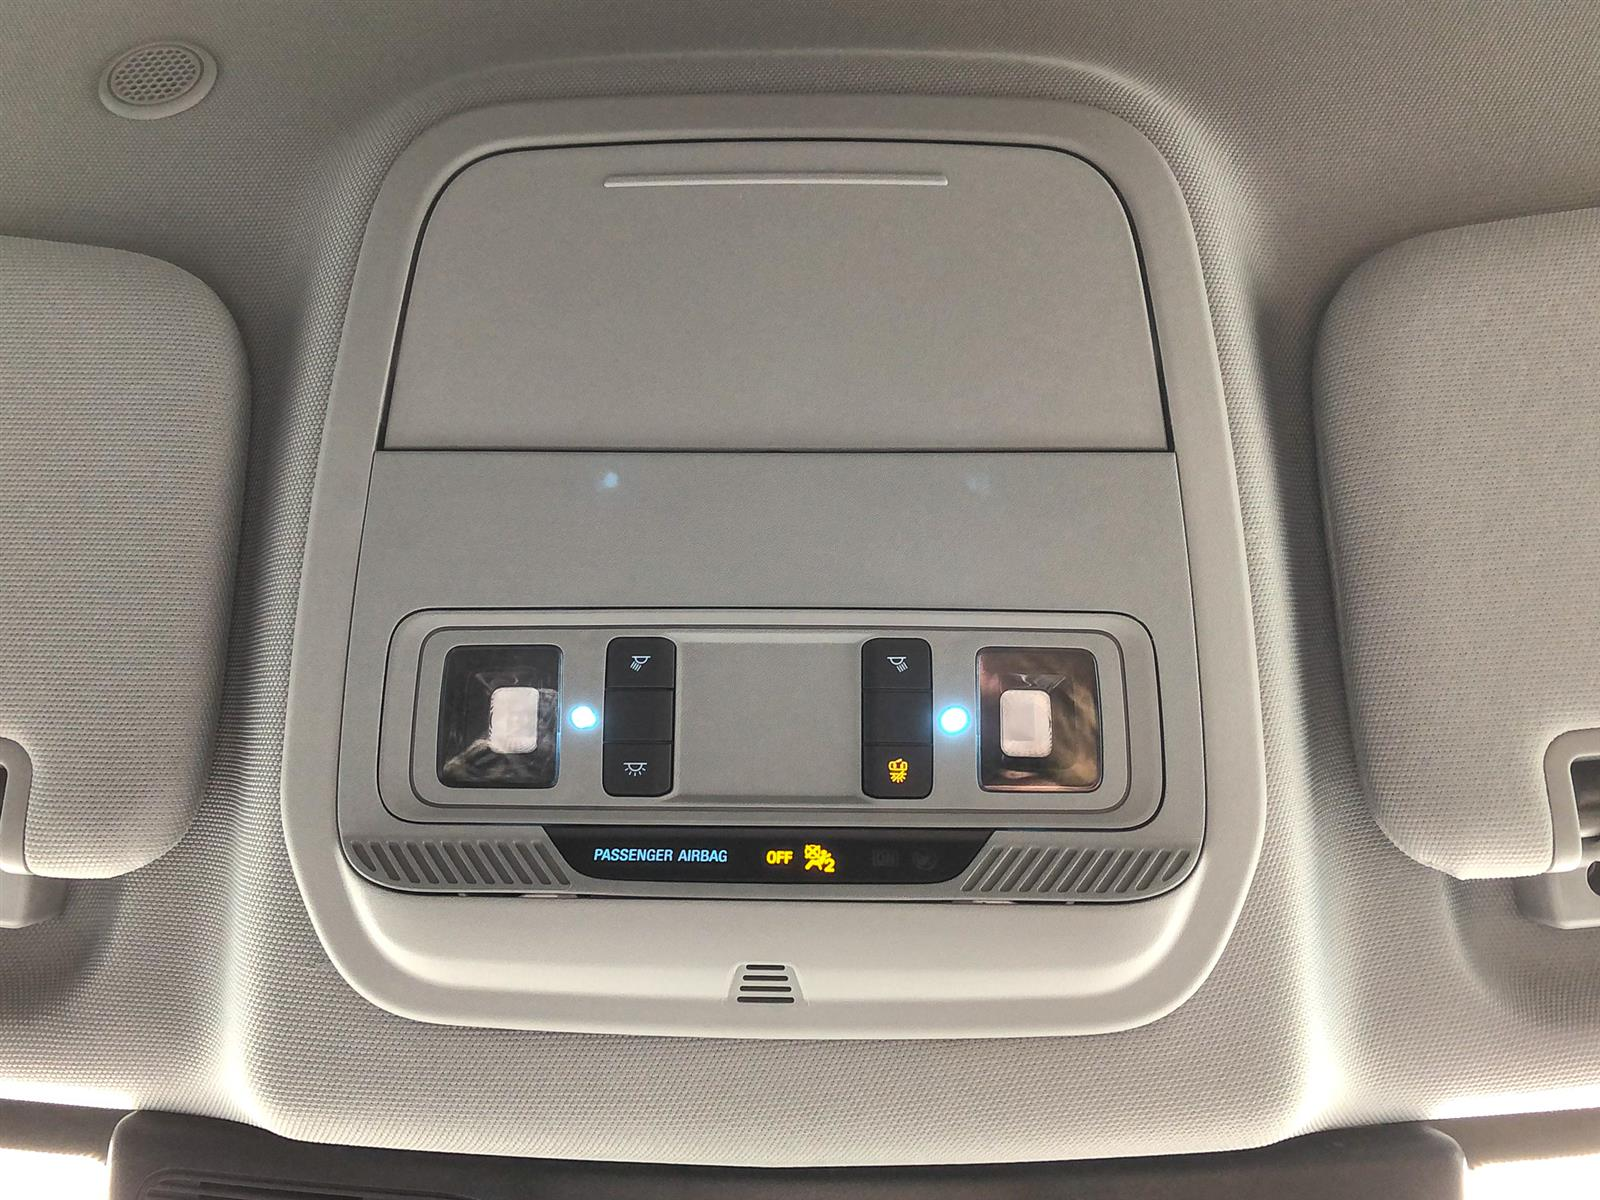 2021 Ford Explorer XLT | 2.3L ECOBOOST | 4WD | KEYLESS ENTRY | BACK-UP CAMERA